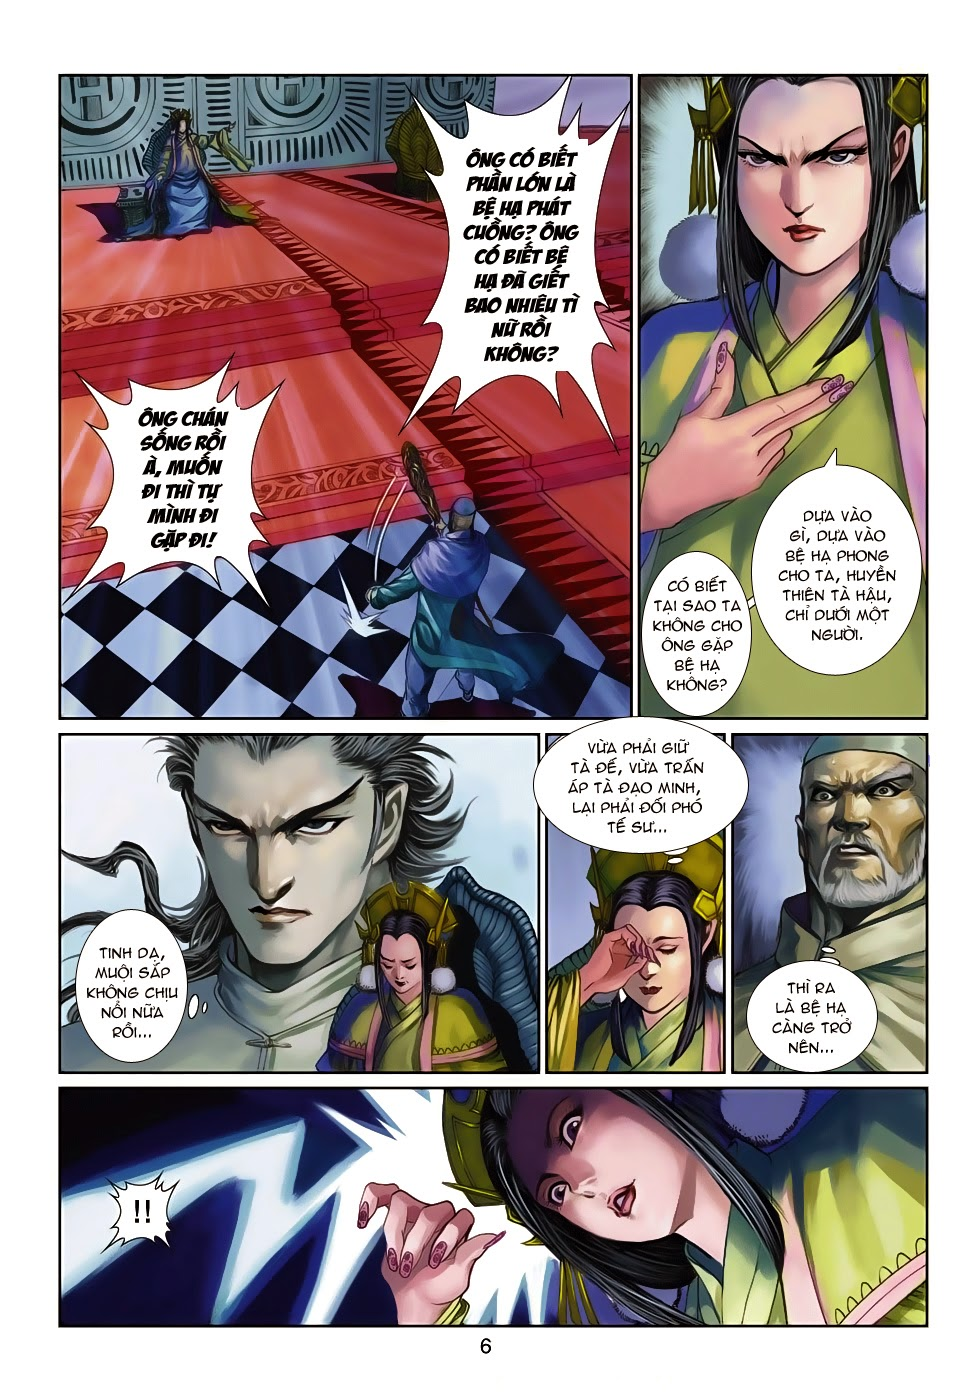 Thần Binh Tiền Truyện 4 - Huyền Thiên Tà Đế chap 14 - Trang 6